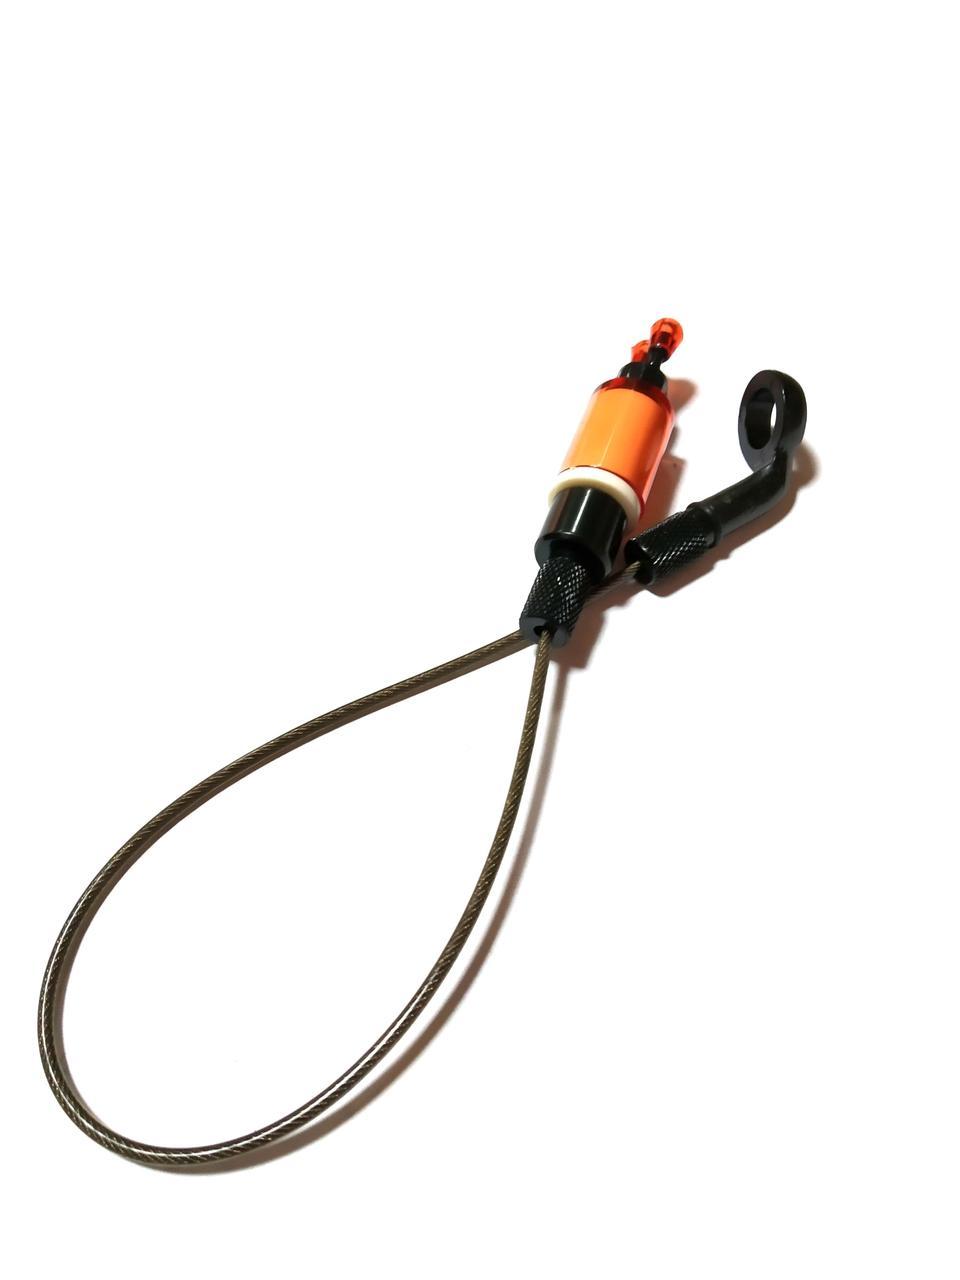 Свингер на тросе Sw-26b Bobin Orange